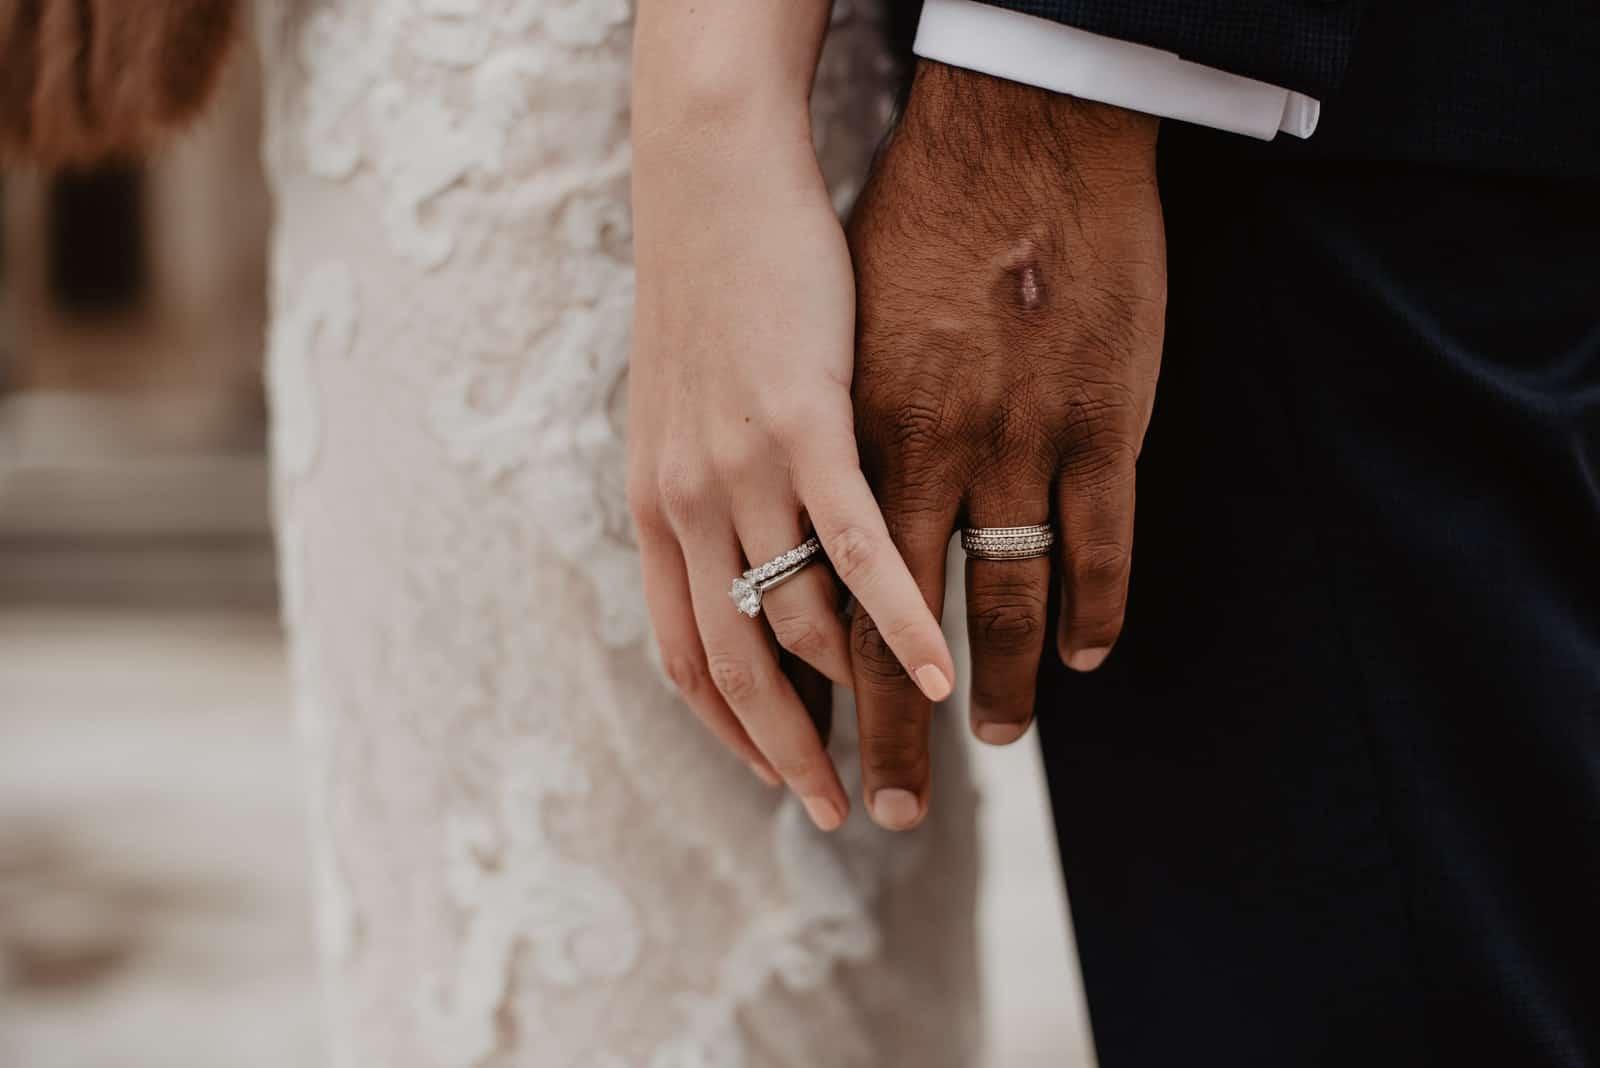 Hochzeitspaar, das sich gegenseitig die Hand hält